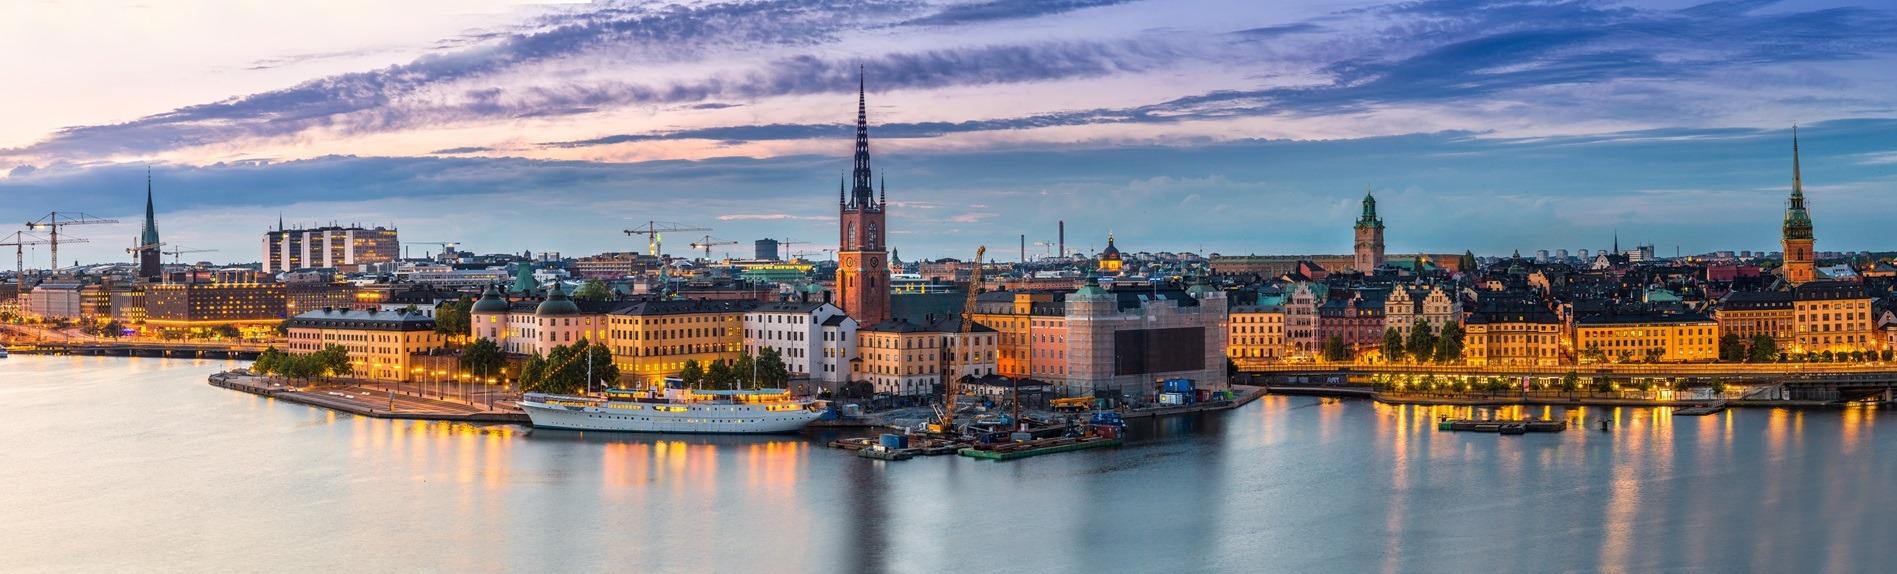 Revisor Stockholm eller Revisionsbyrå Stockholm bild